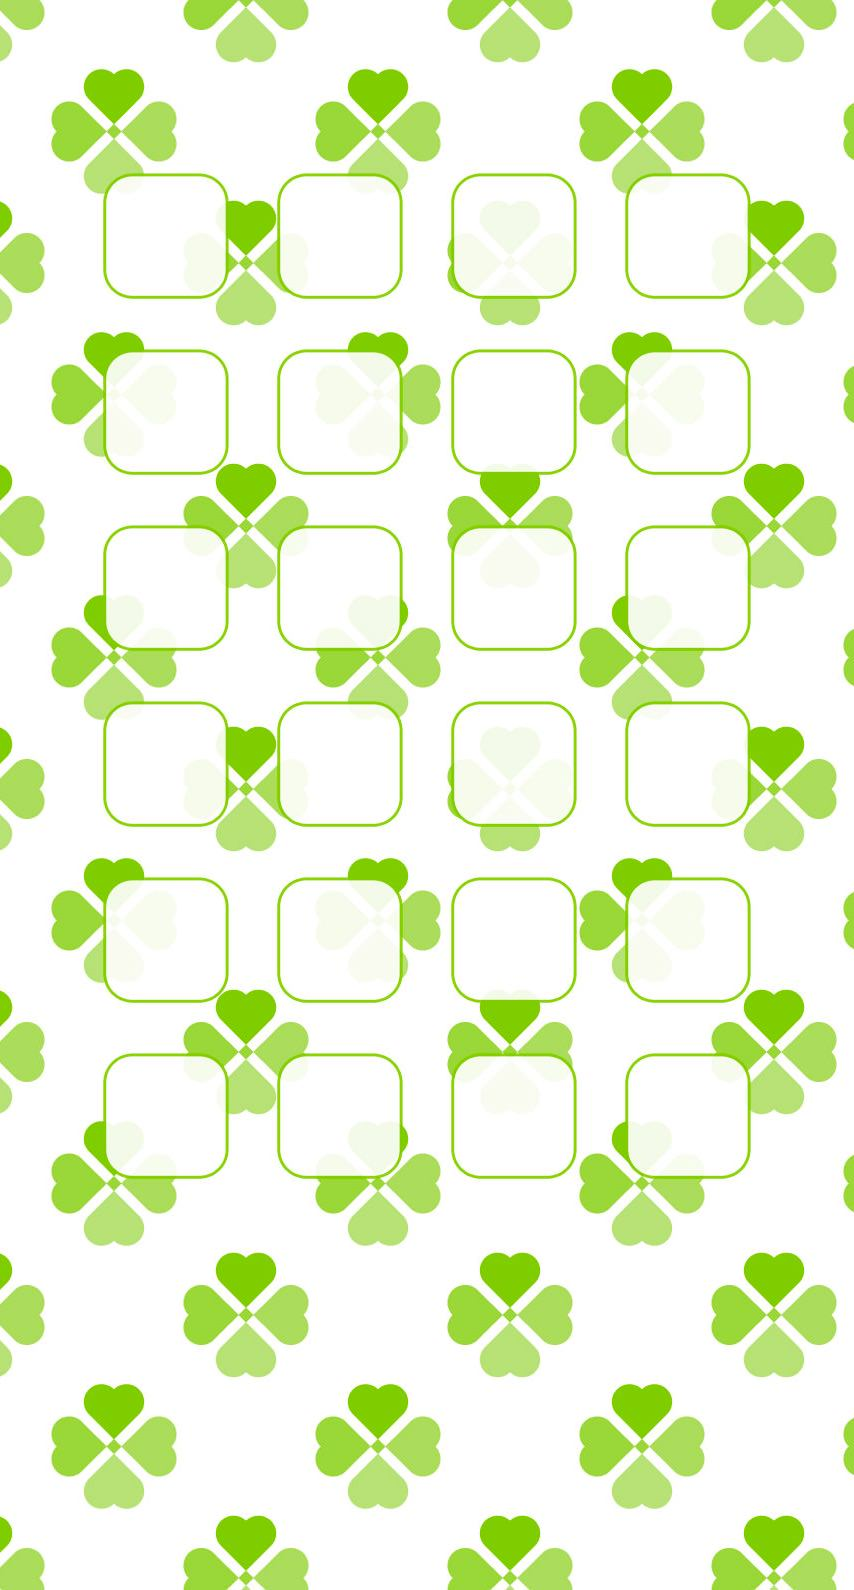 模様クローバー緑女子向け棚 Wallpaper Sc Iphone6s壁紙